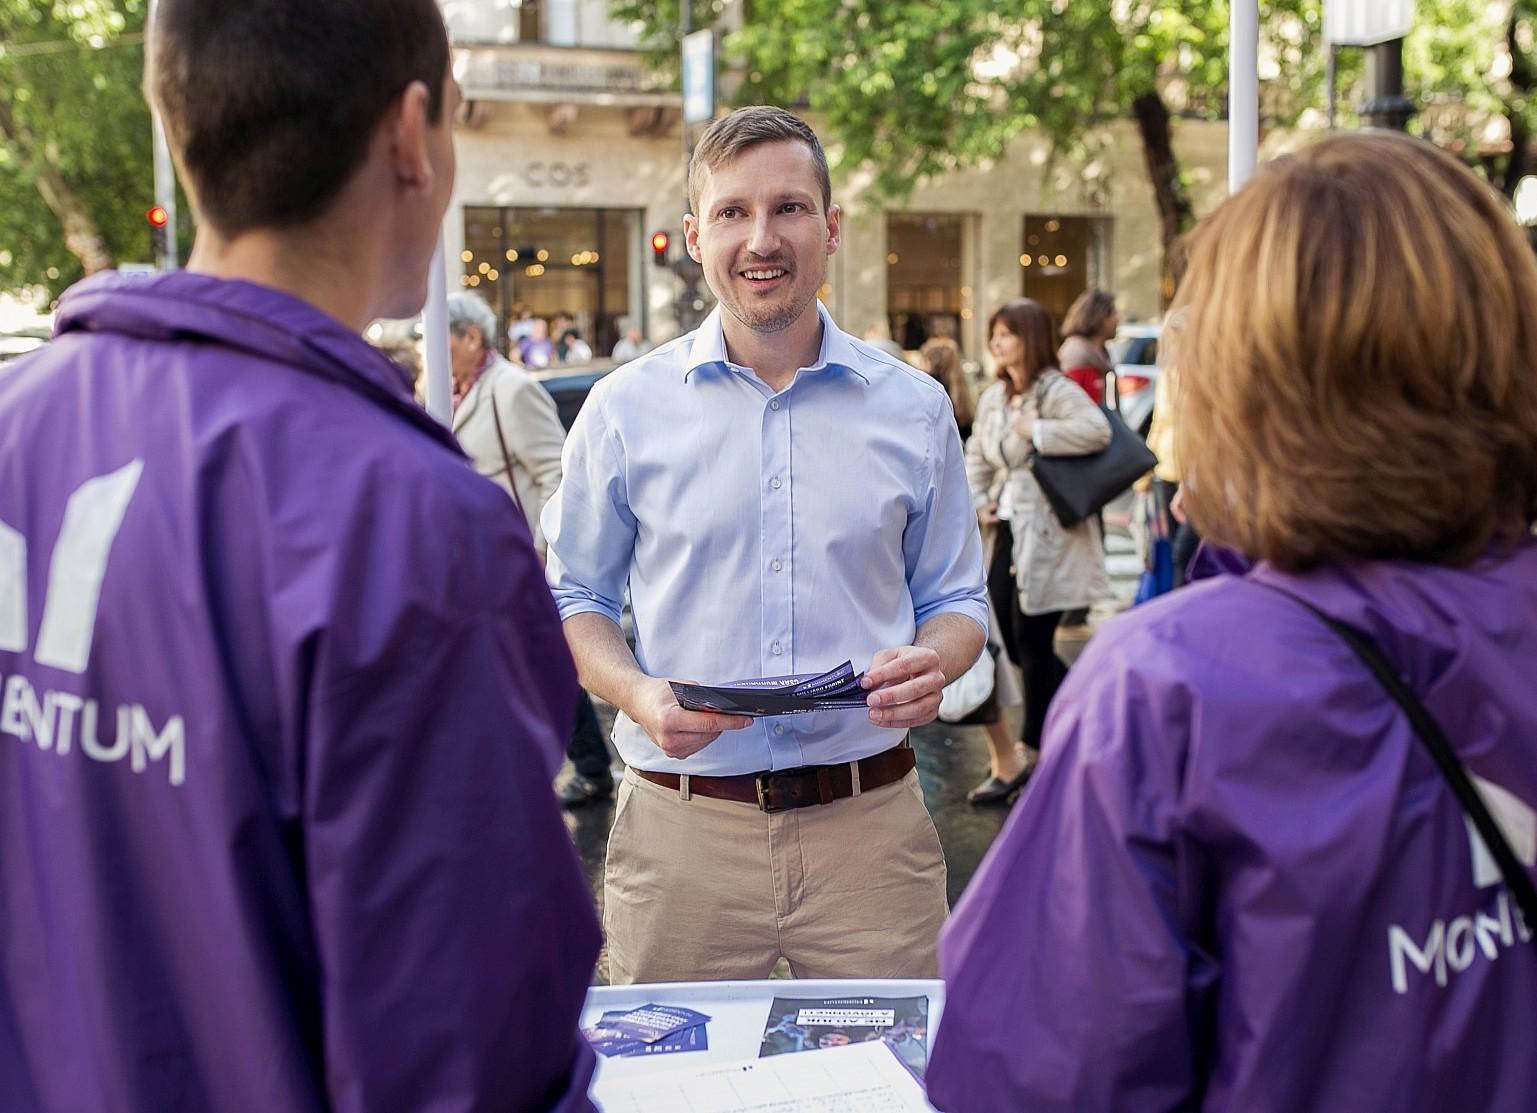 Soproni Tamás Az ellenzék közös polgármesterjelöltje Terézváros Momentum